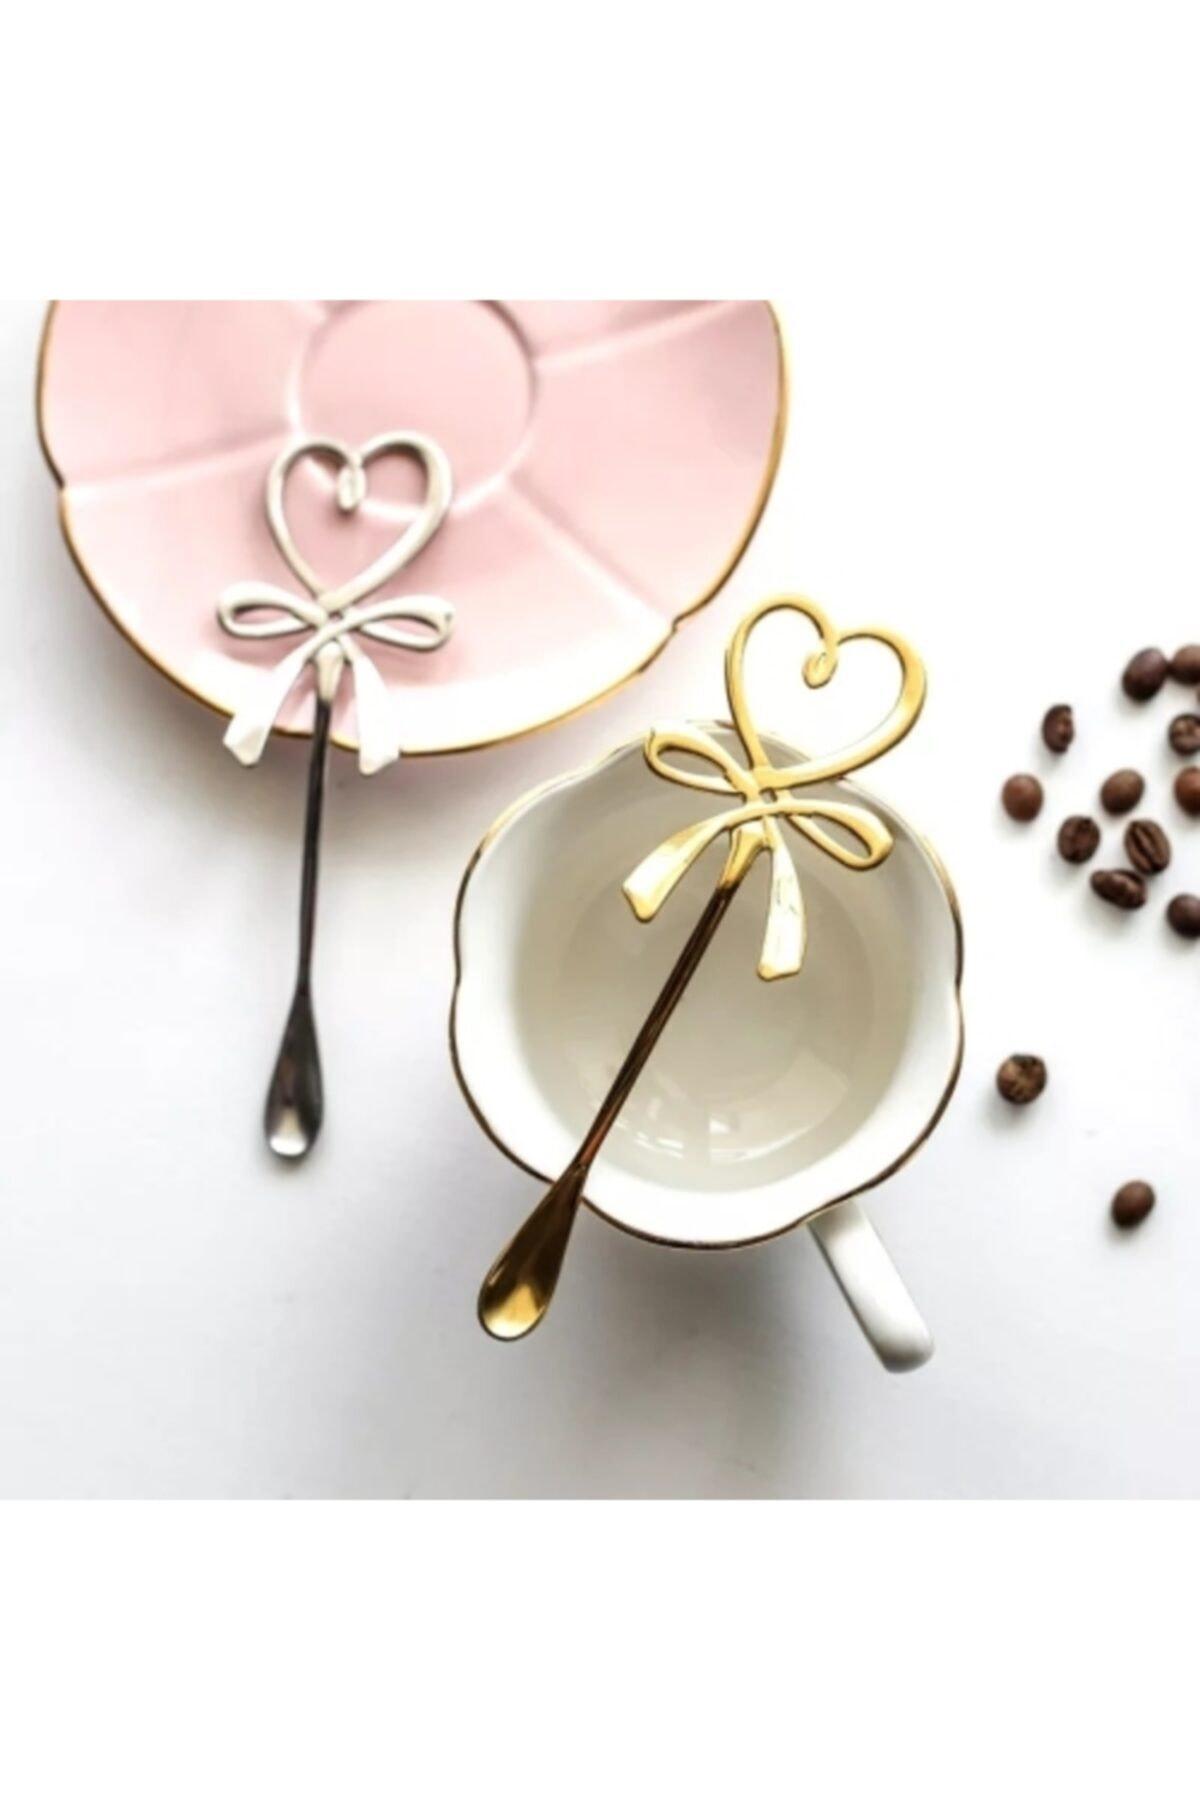 LOVYCO Parlak Gold Kalp Çay Kaşığı 1 Adet 2